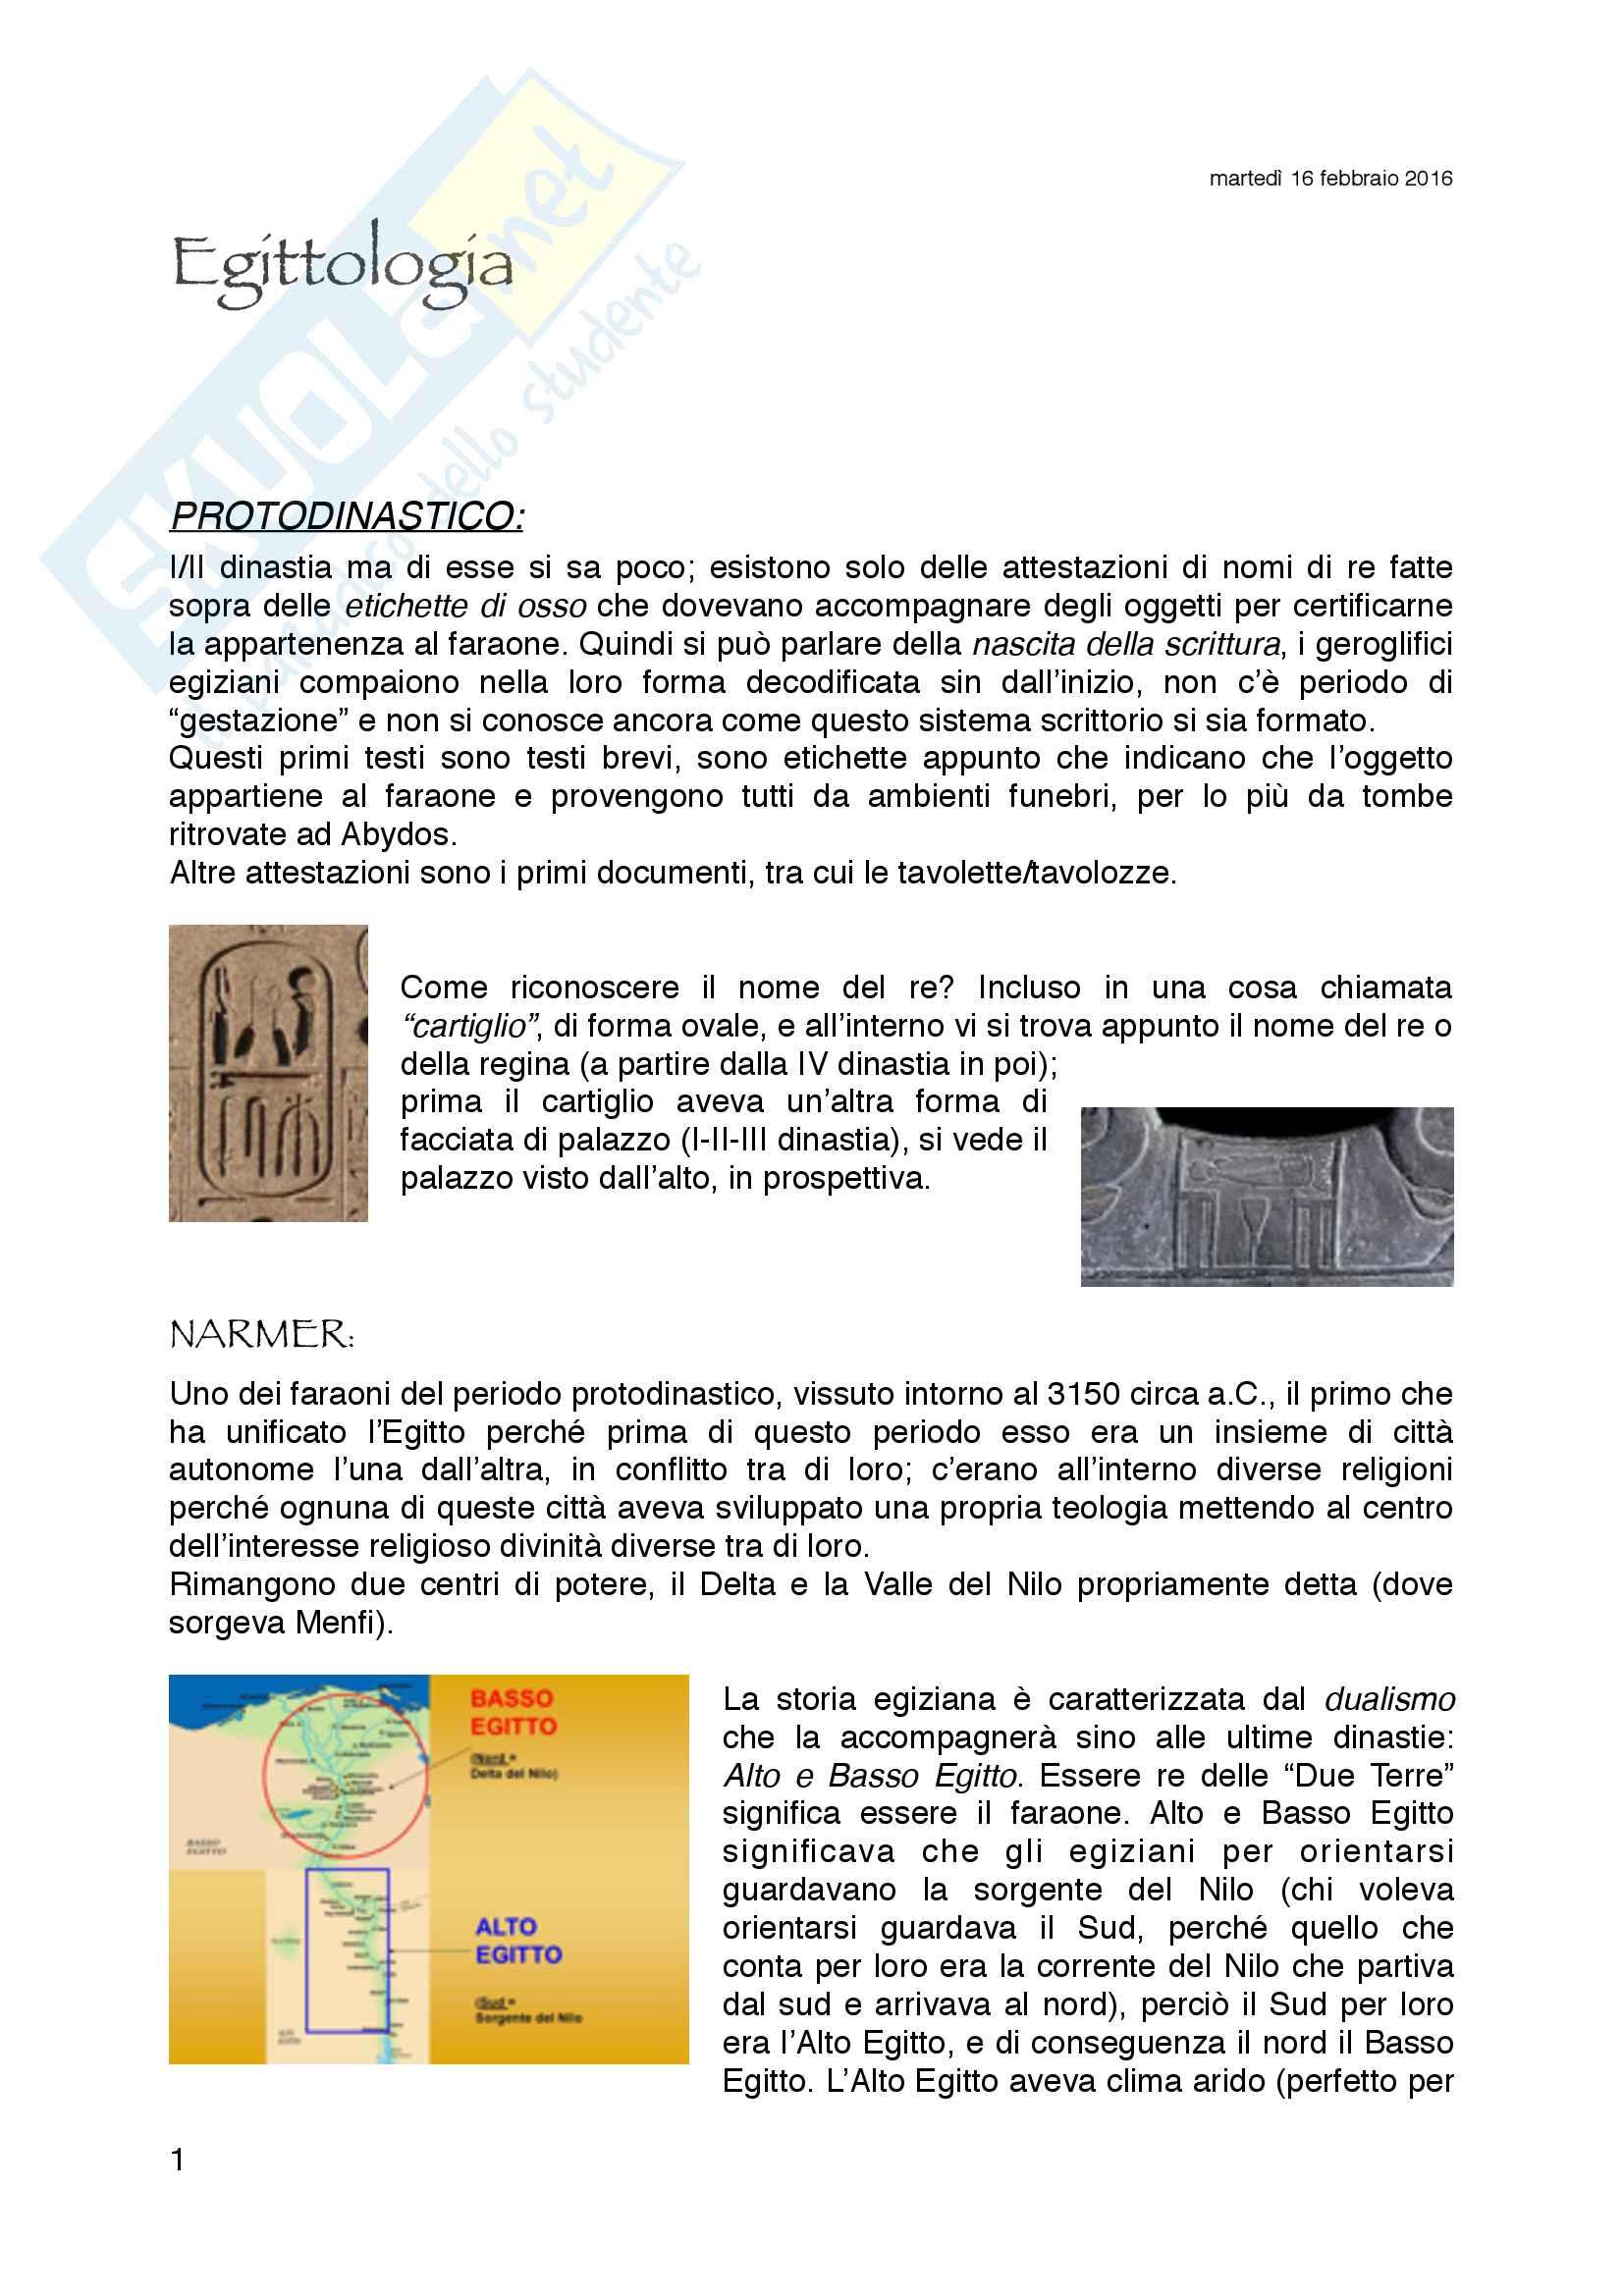 Appunti esame egittologia prof P. Gallo